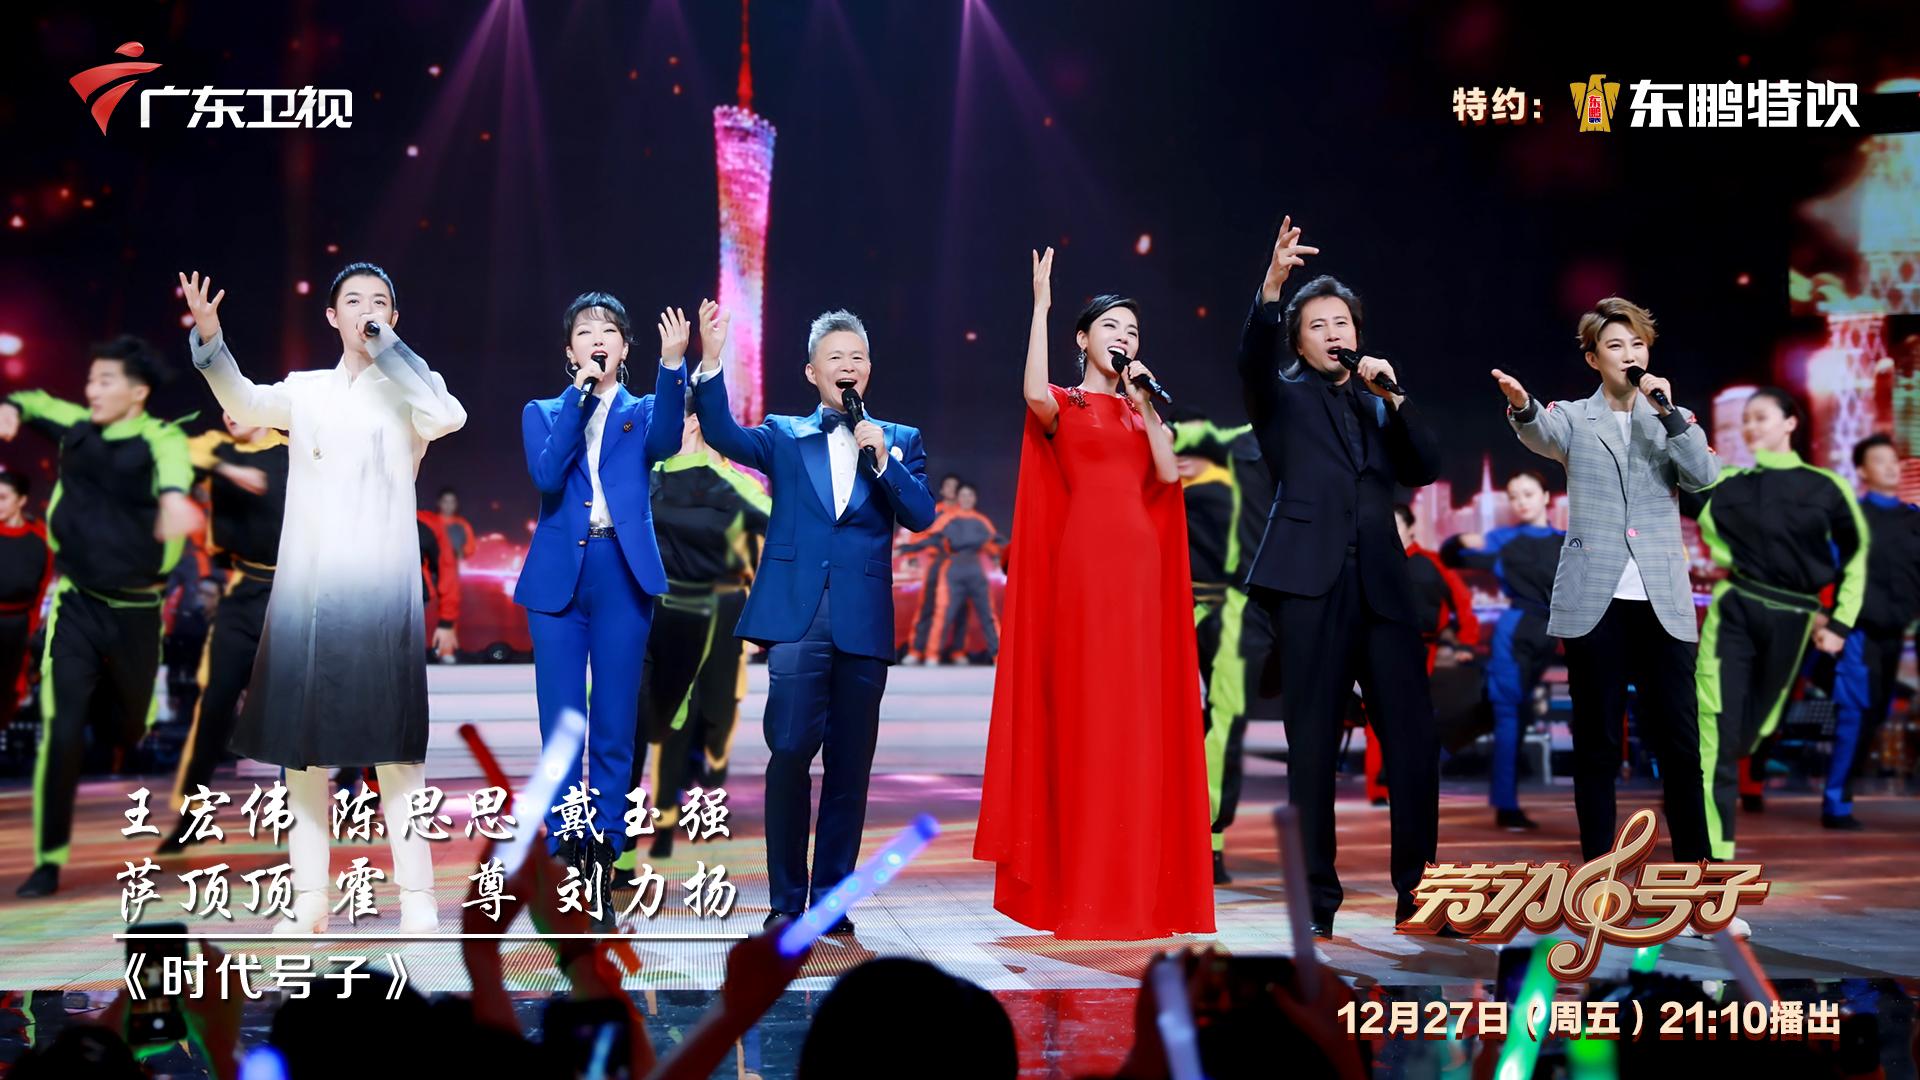 《劳动号子》致敬之夜:王宏伟、戴玉强、陈思思、霍尊、萨顶顶、刘力扬联袂唱号子